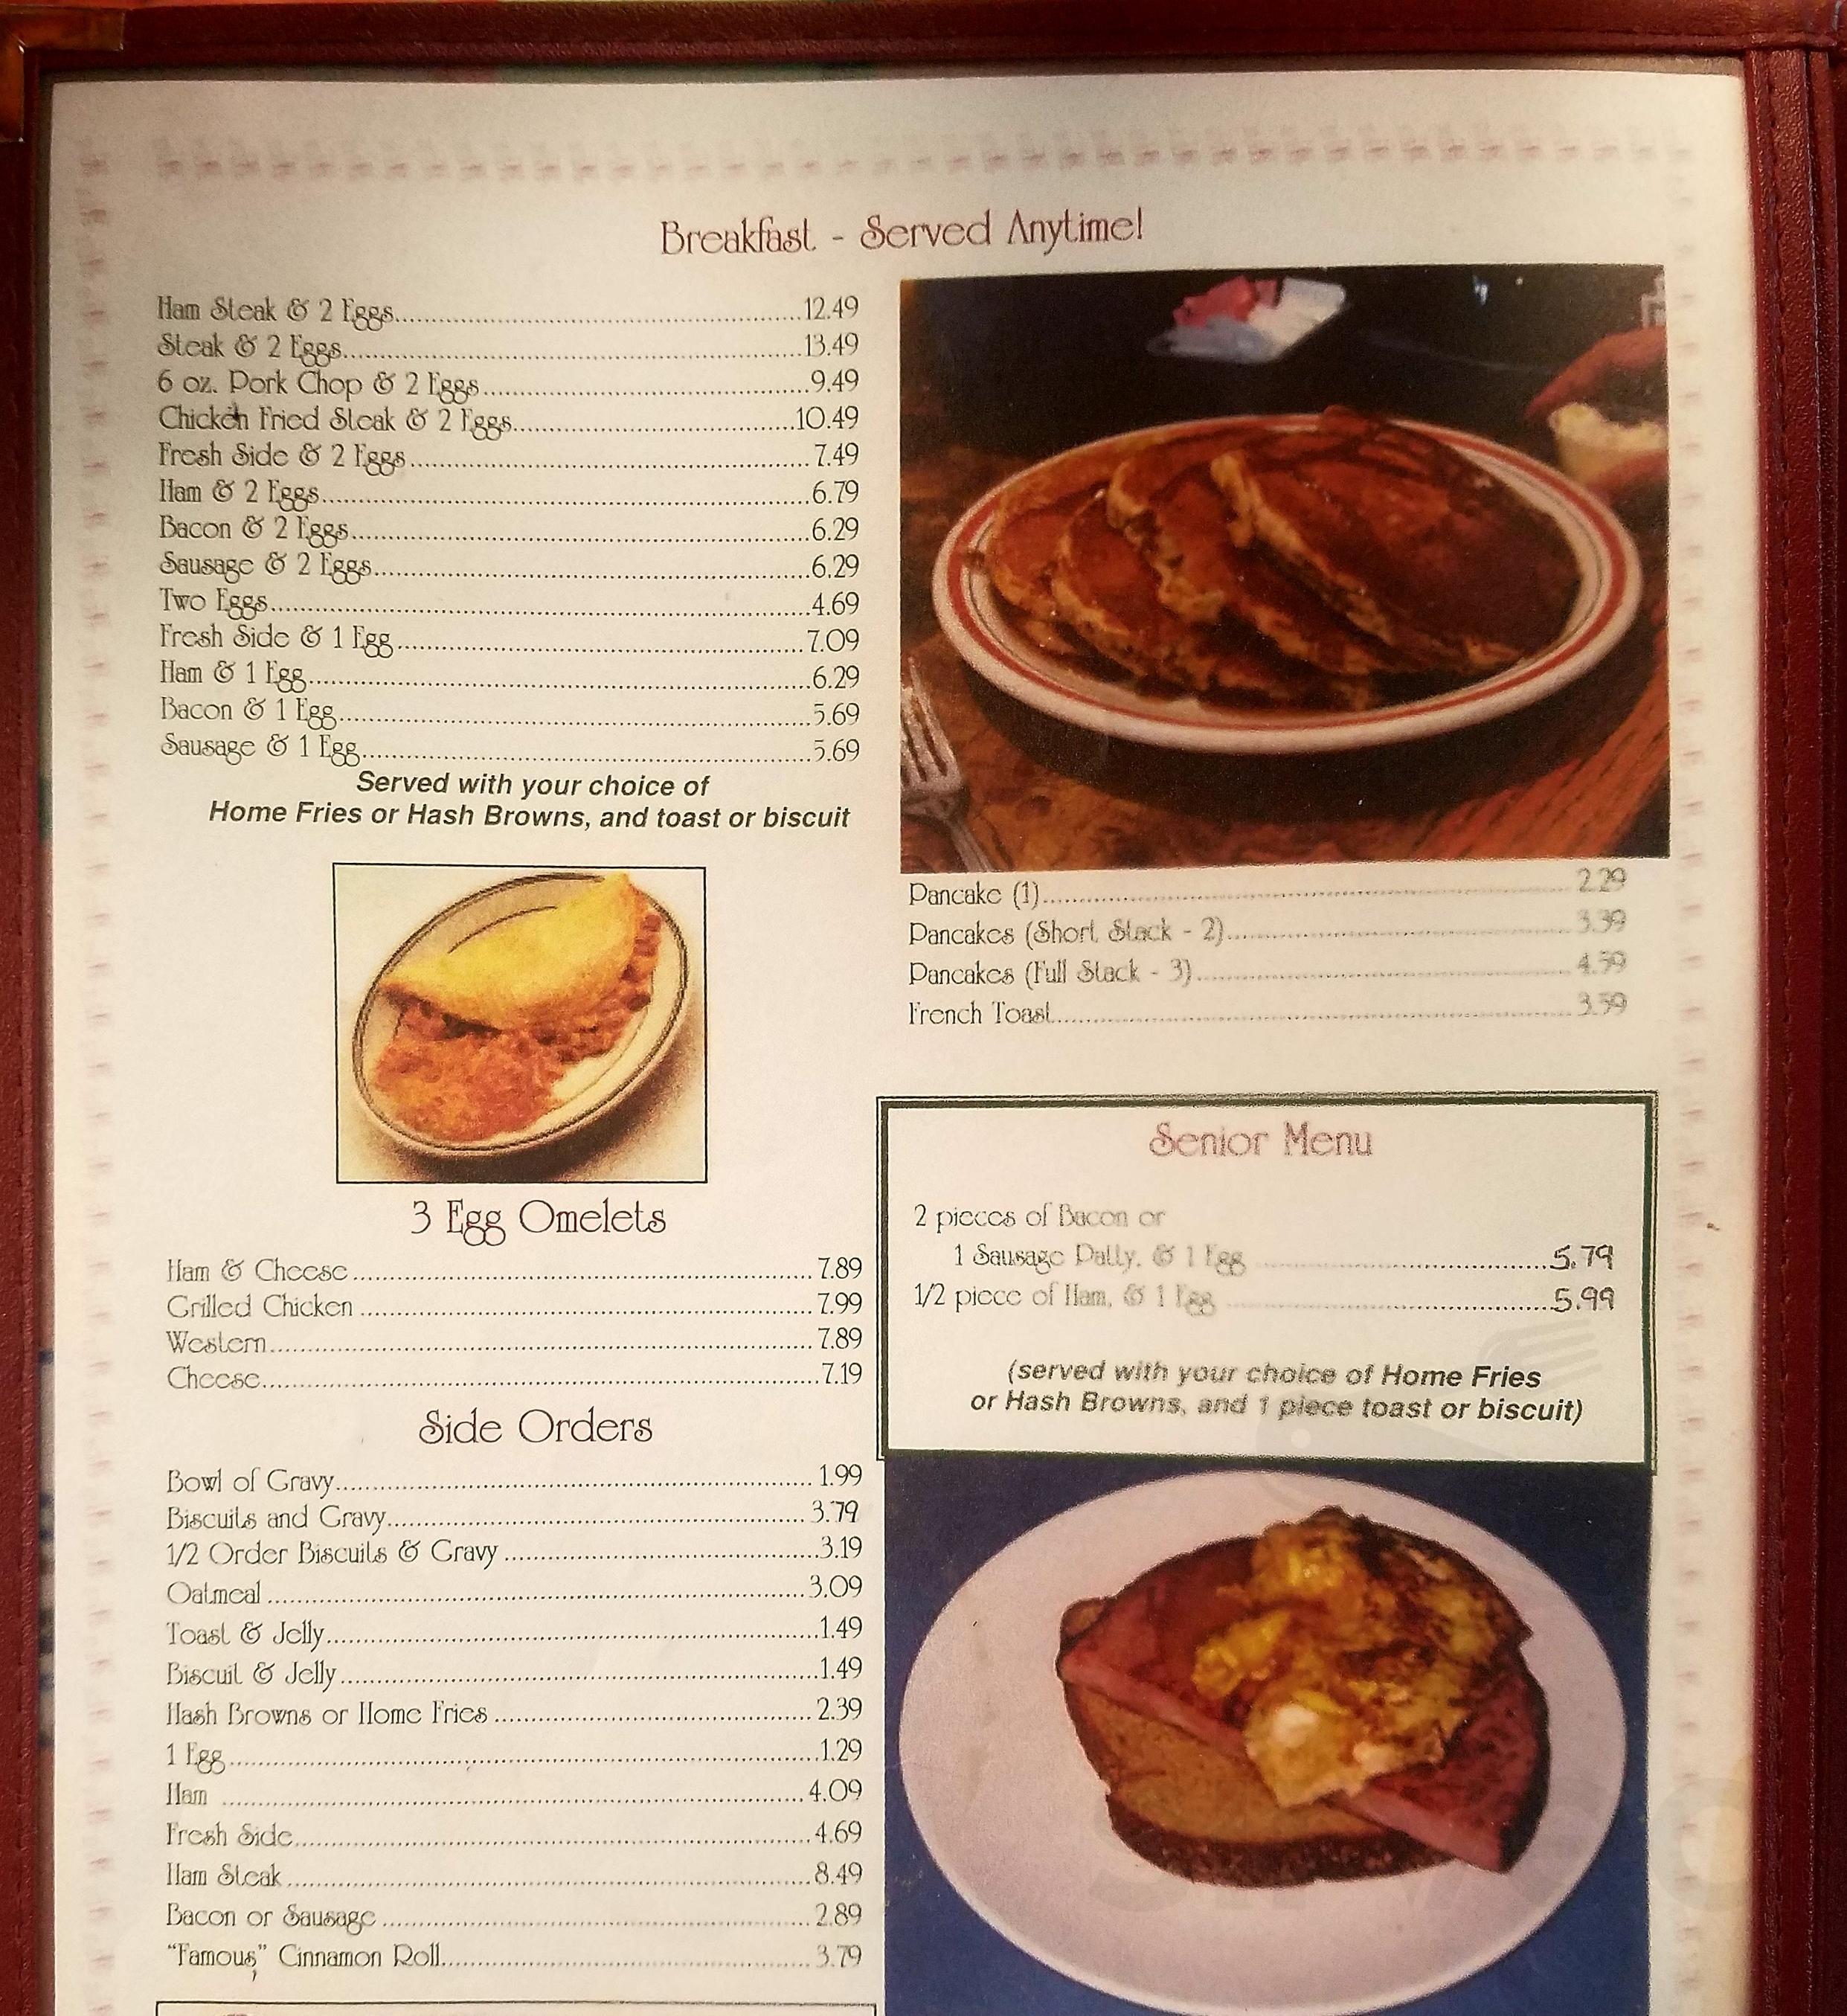 Rocking Chair Restaurant menu in Conway, Missouri, USA